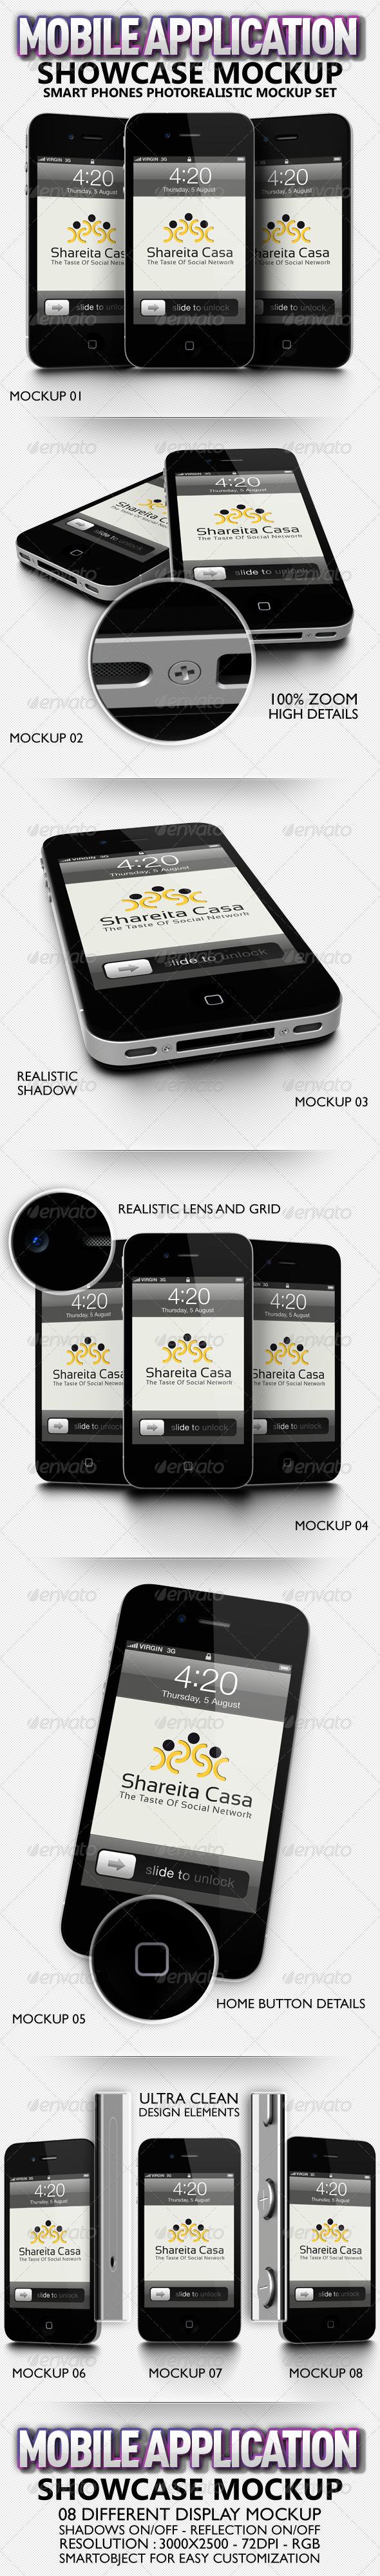 GraphicRiver Mobile Application Showcase Mockup 2675519